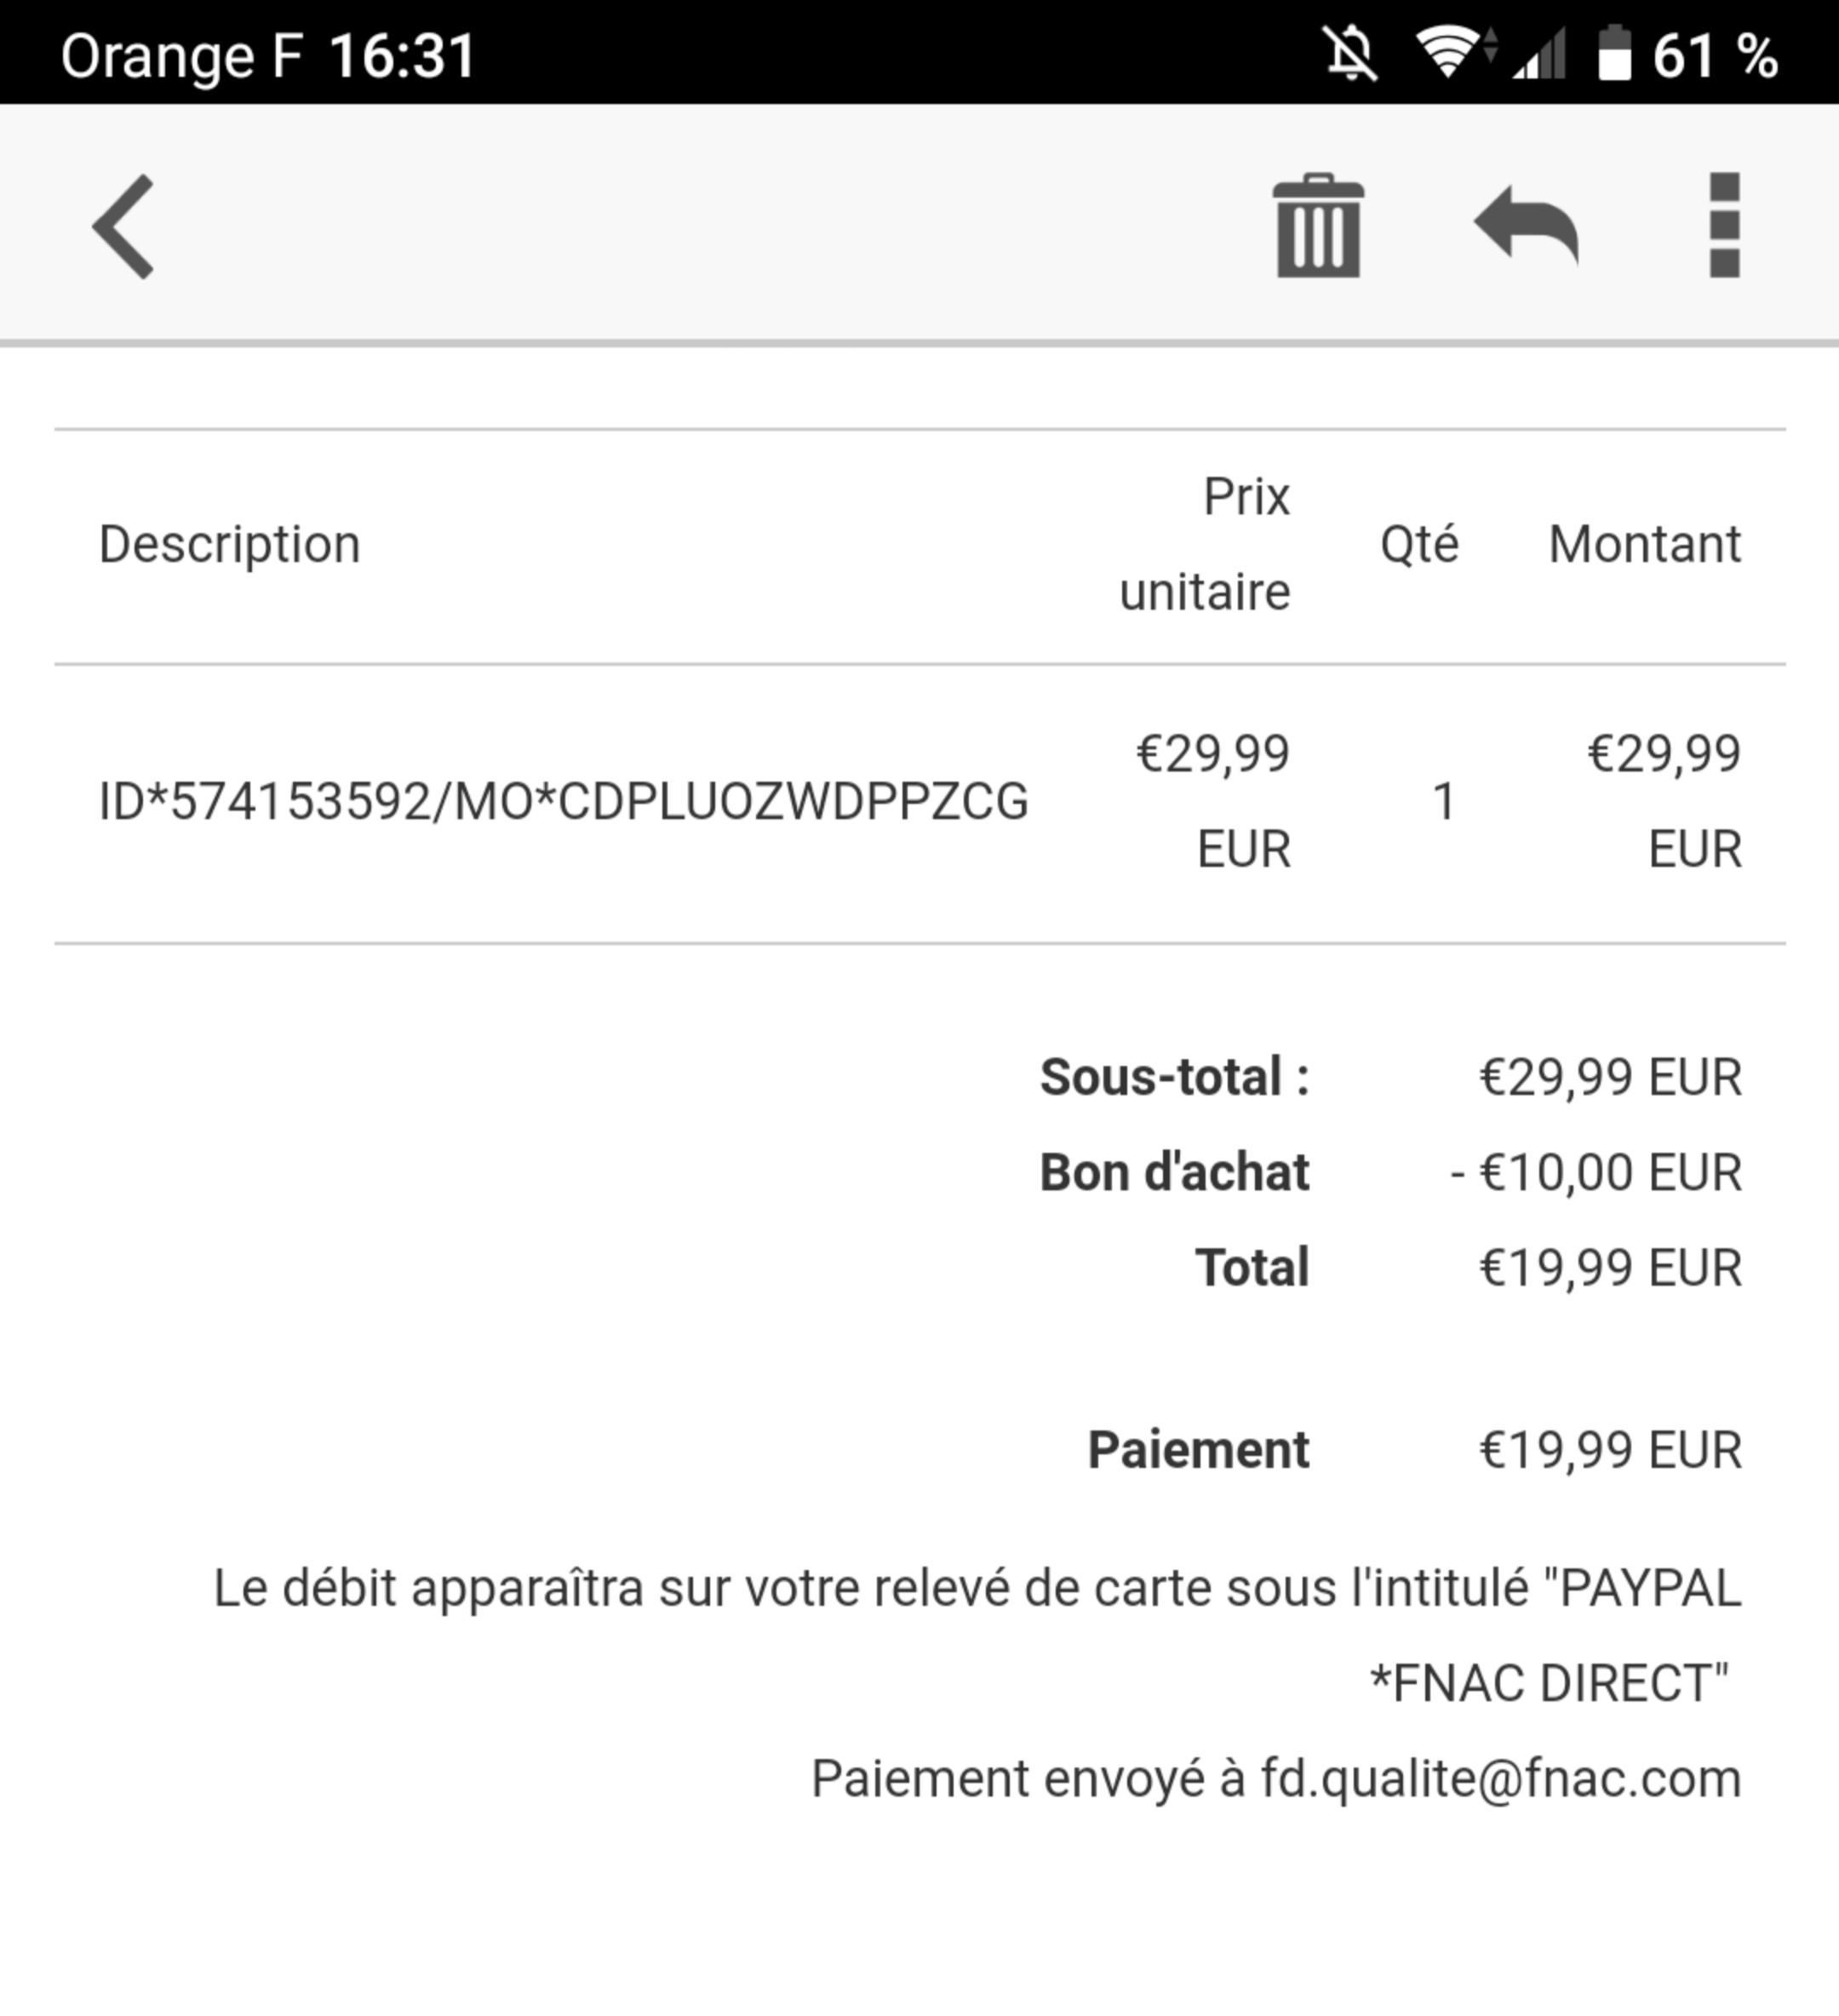 Carte Paypal Fnac.10 De Reduction Sur Fnac Com Via Paypal Les Bons Plans